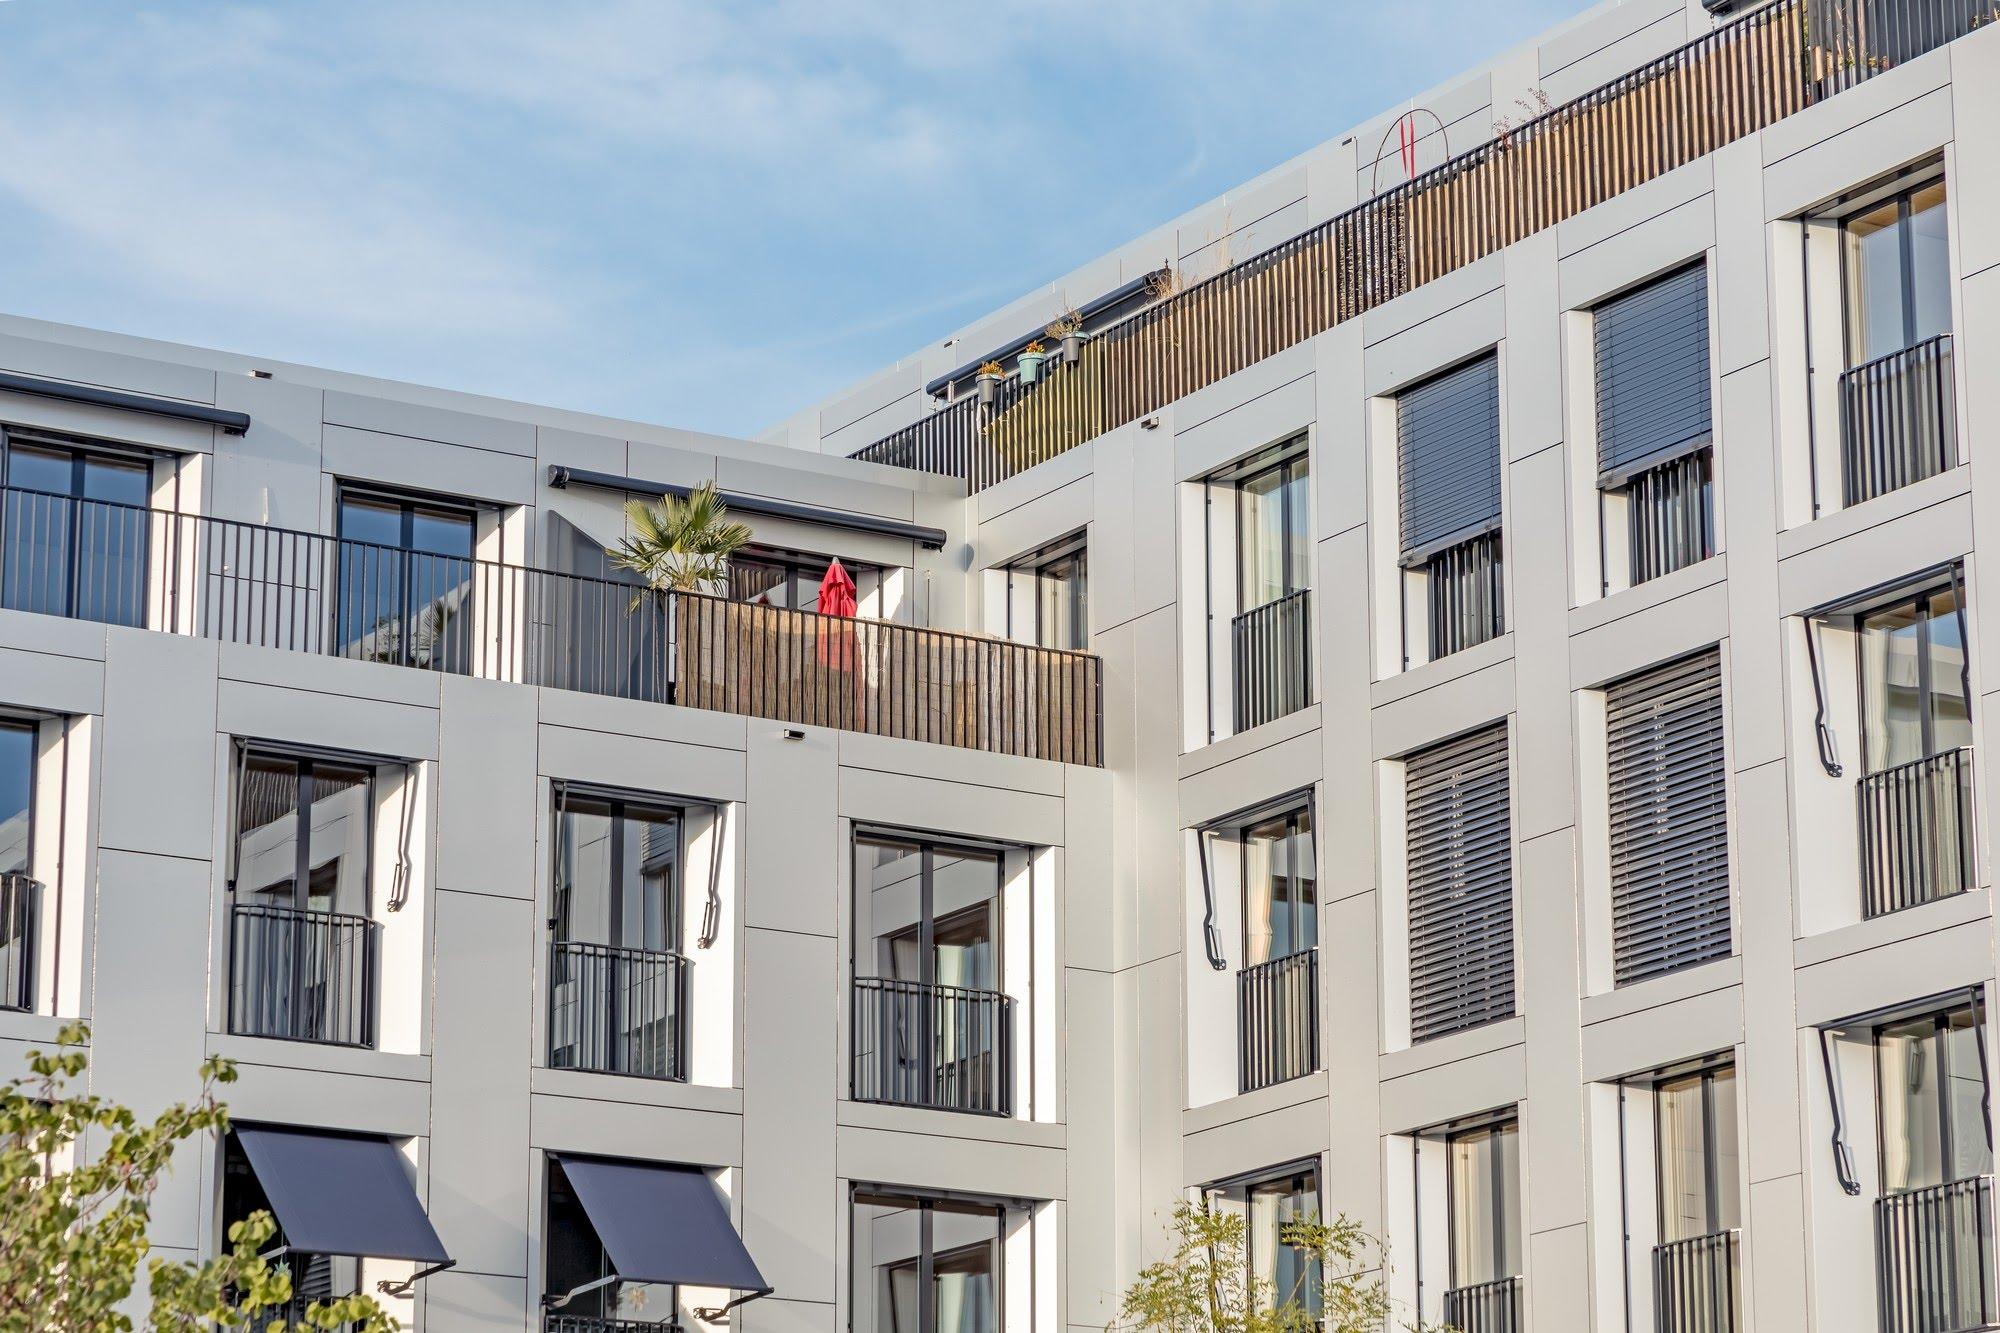 Wohnungsbau,Industrie / Gewerbebau,Spez. Gipserarbeiten Wohn- und Gewerbeüberbauung Sue & Til